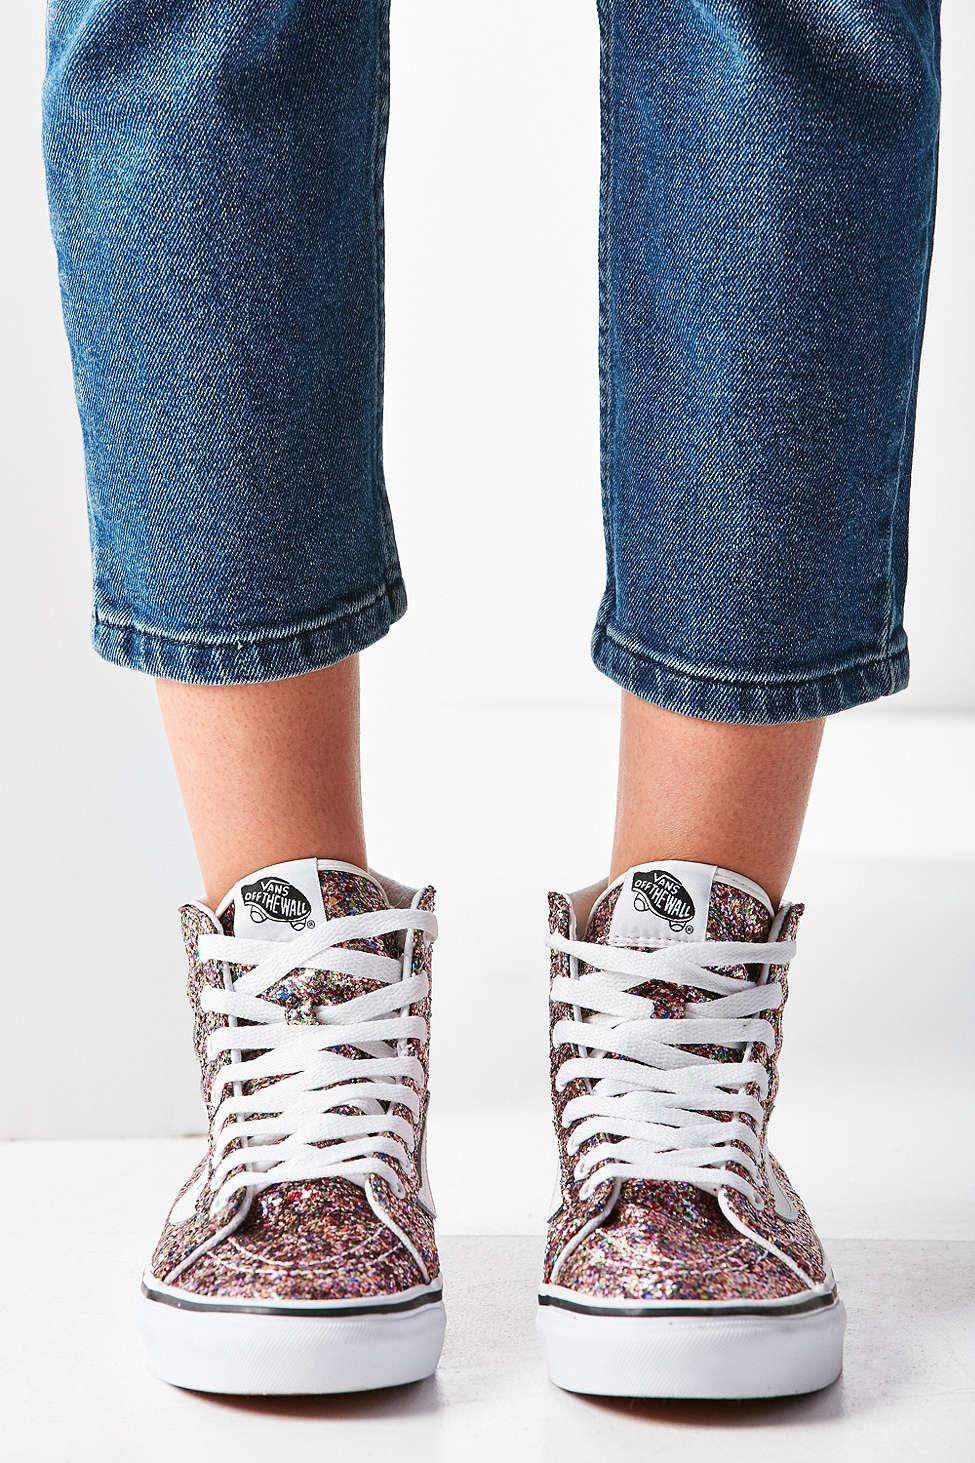 Lyst - Vans Chunky Glitter Sk8-hi Slim Sneaker in Blue 6cd84e507